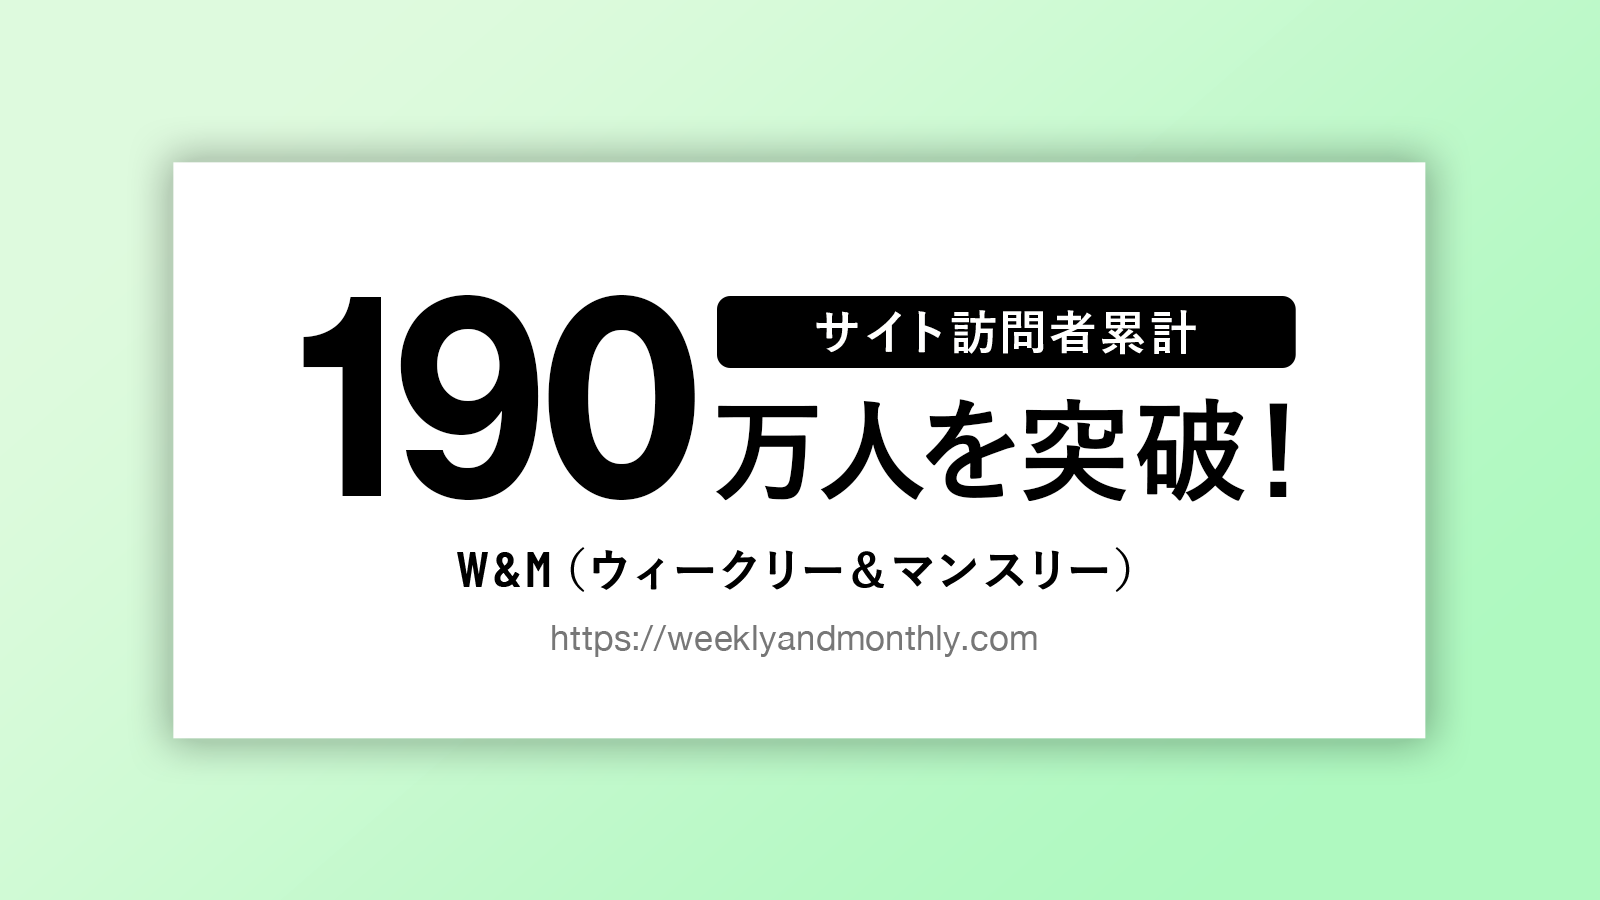 【PR】W&M(ウィークリー &マンスリー) サイト訪問者累計190万人を突破!